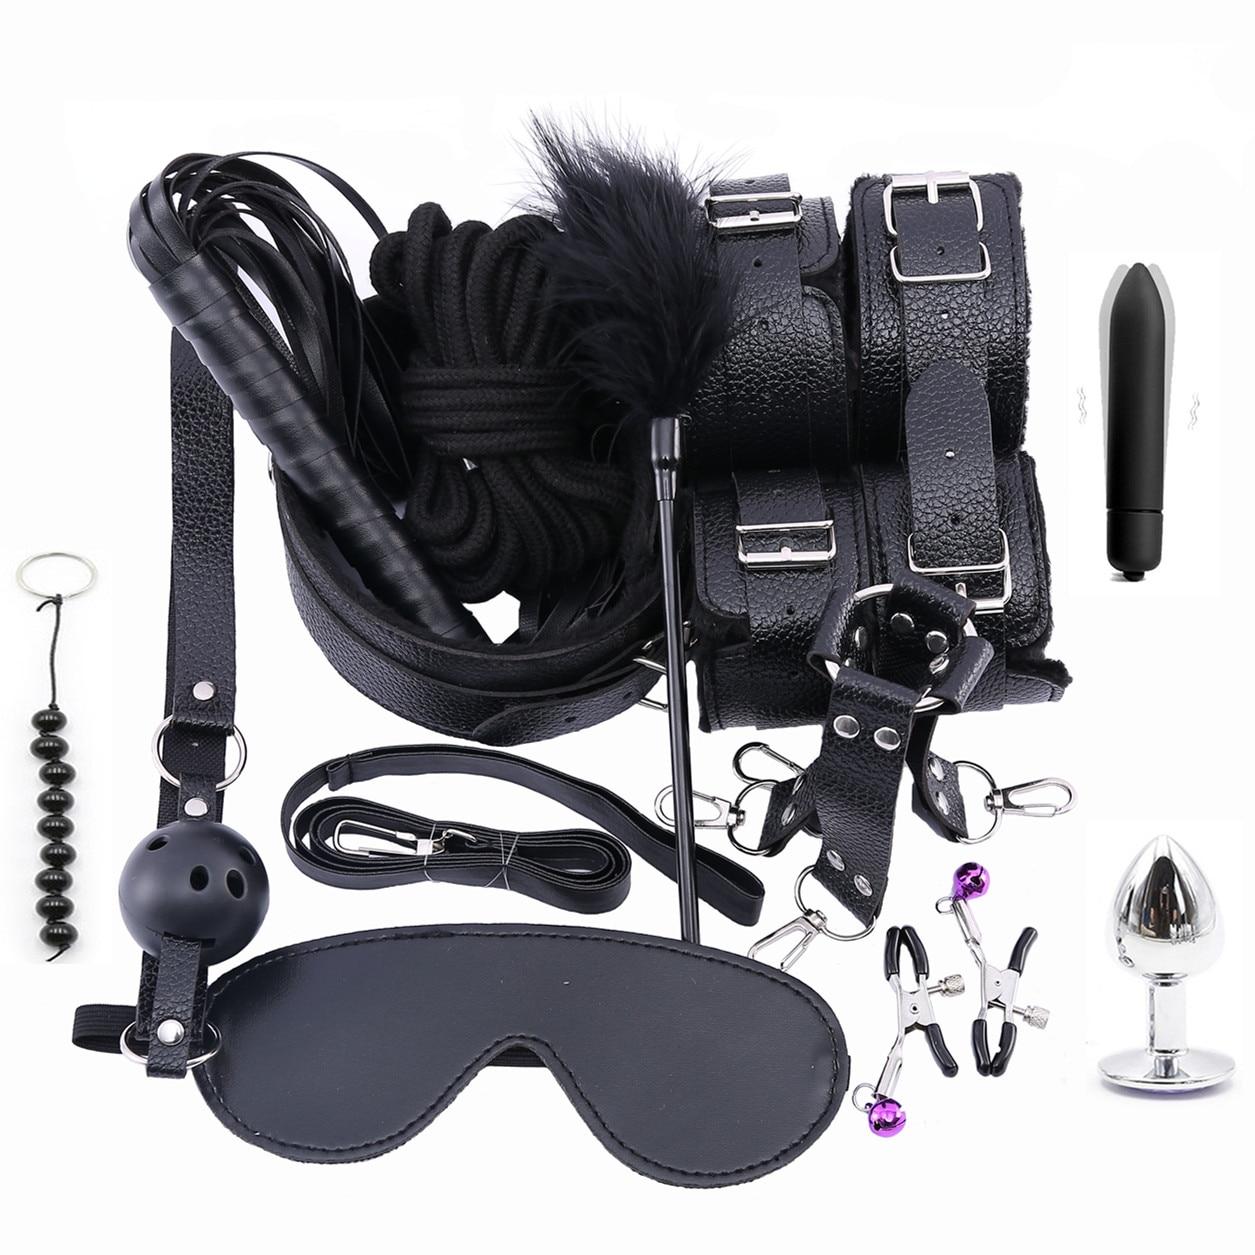 Набор из 13 предметов, стимуляция связывания, кожаный плюшевый БДСМ, секс наручники, металлическая Анальная пробка, эротические секс игрушки для пар и взрослых